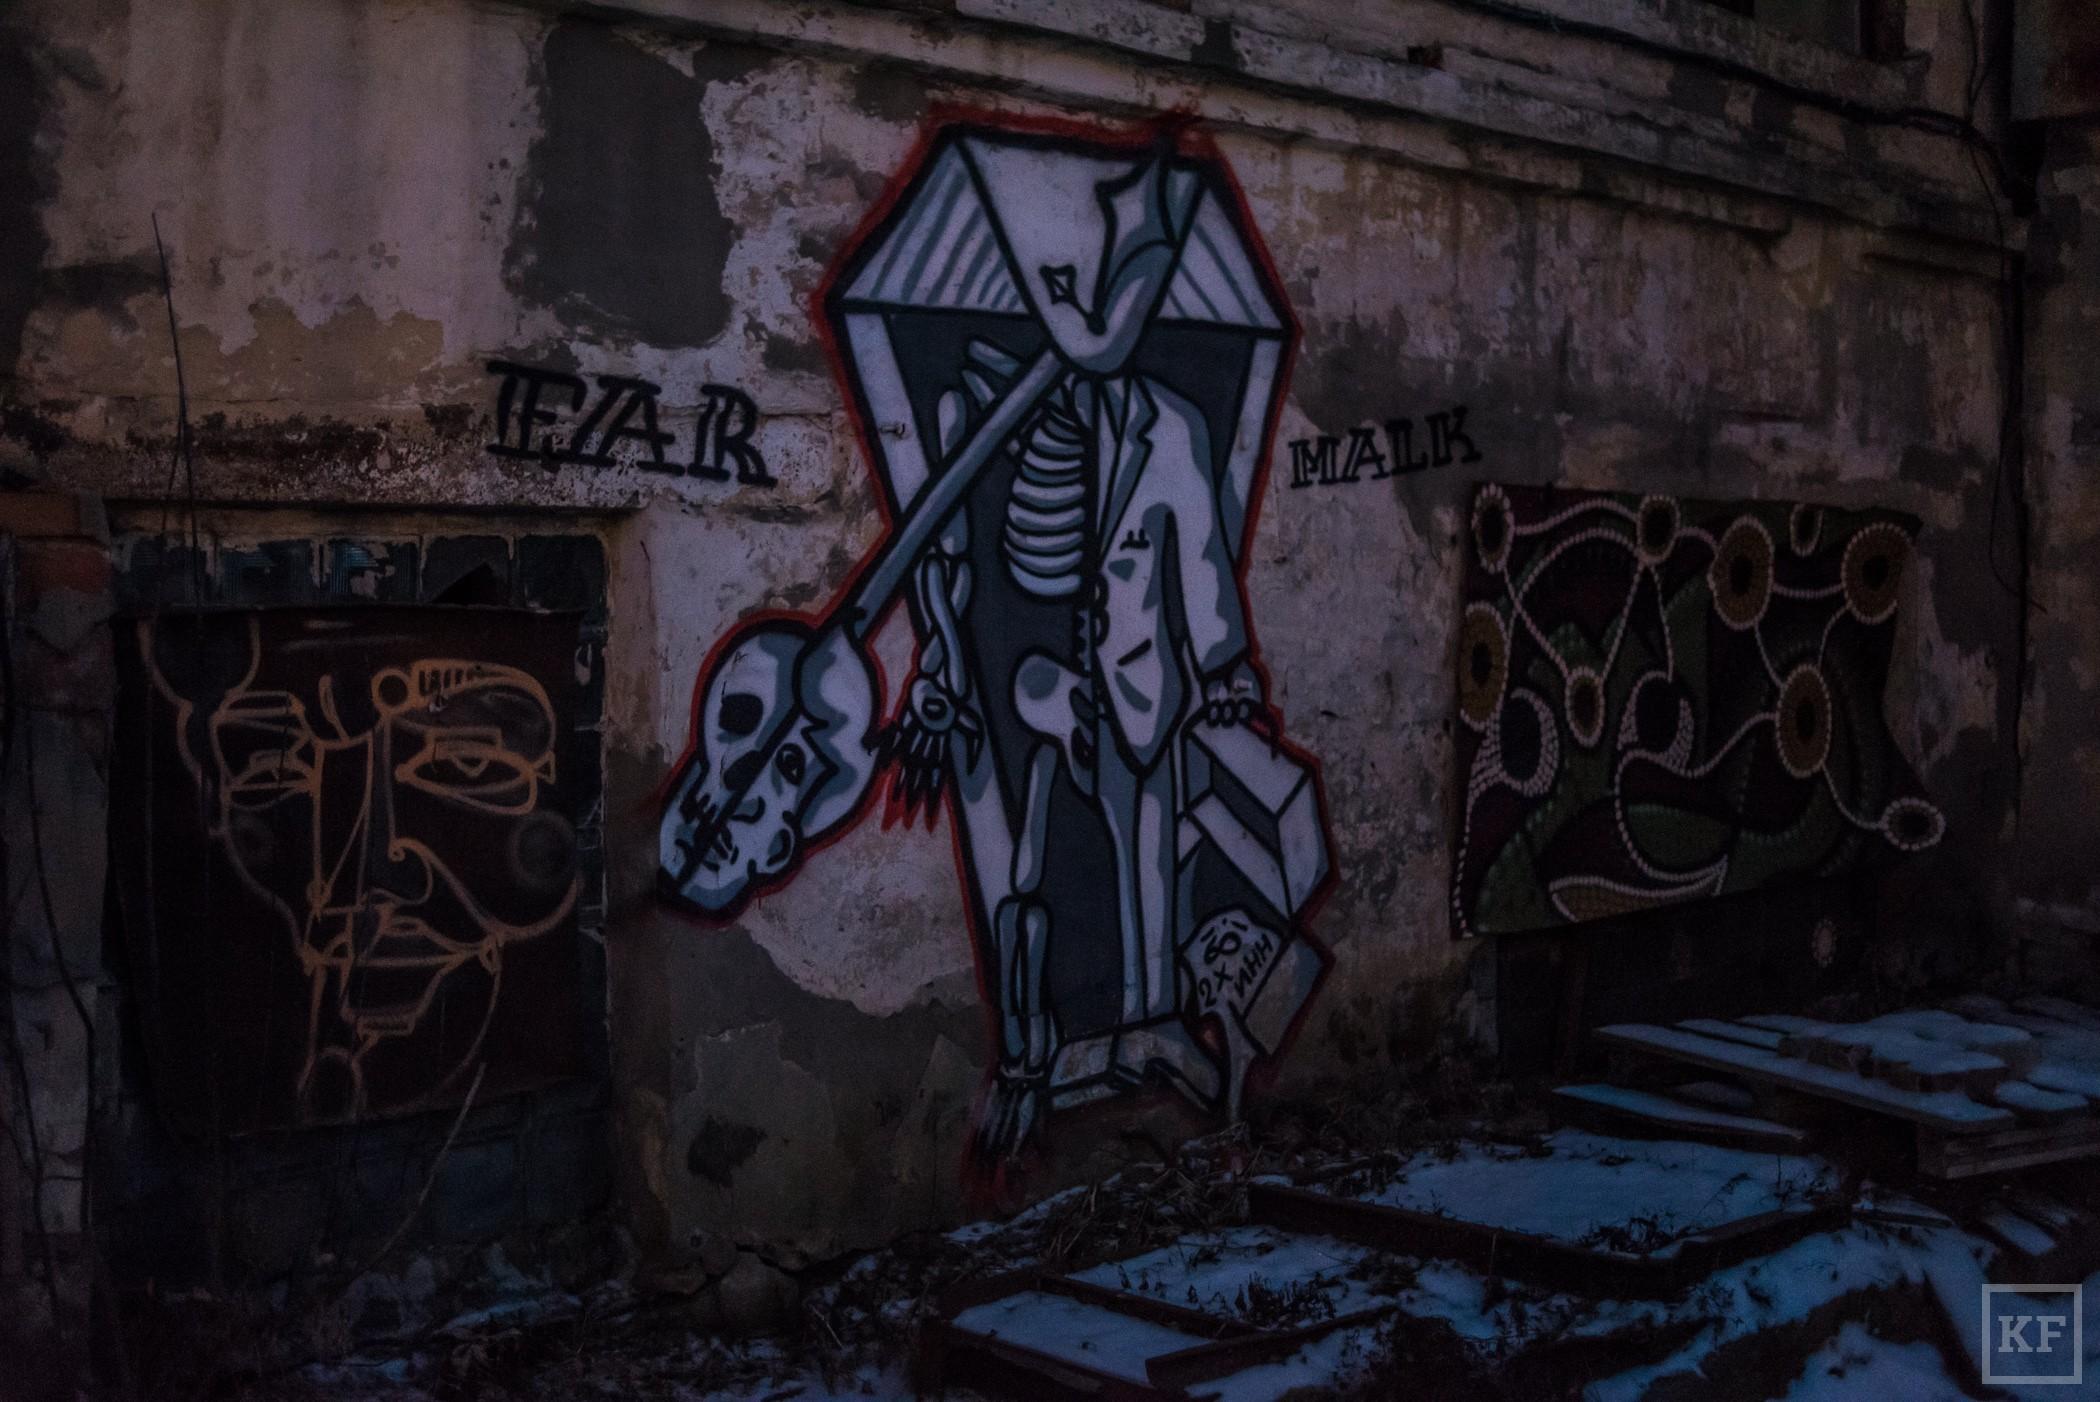 FNR_4679